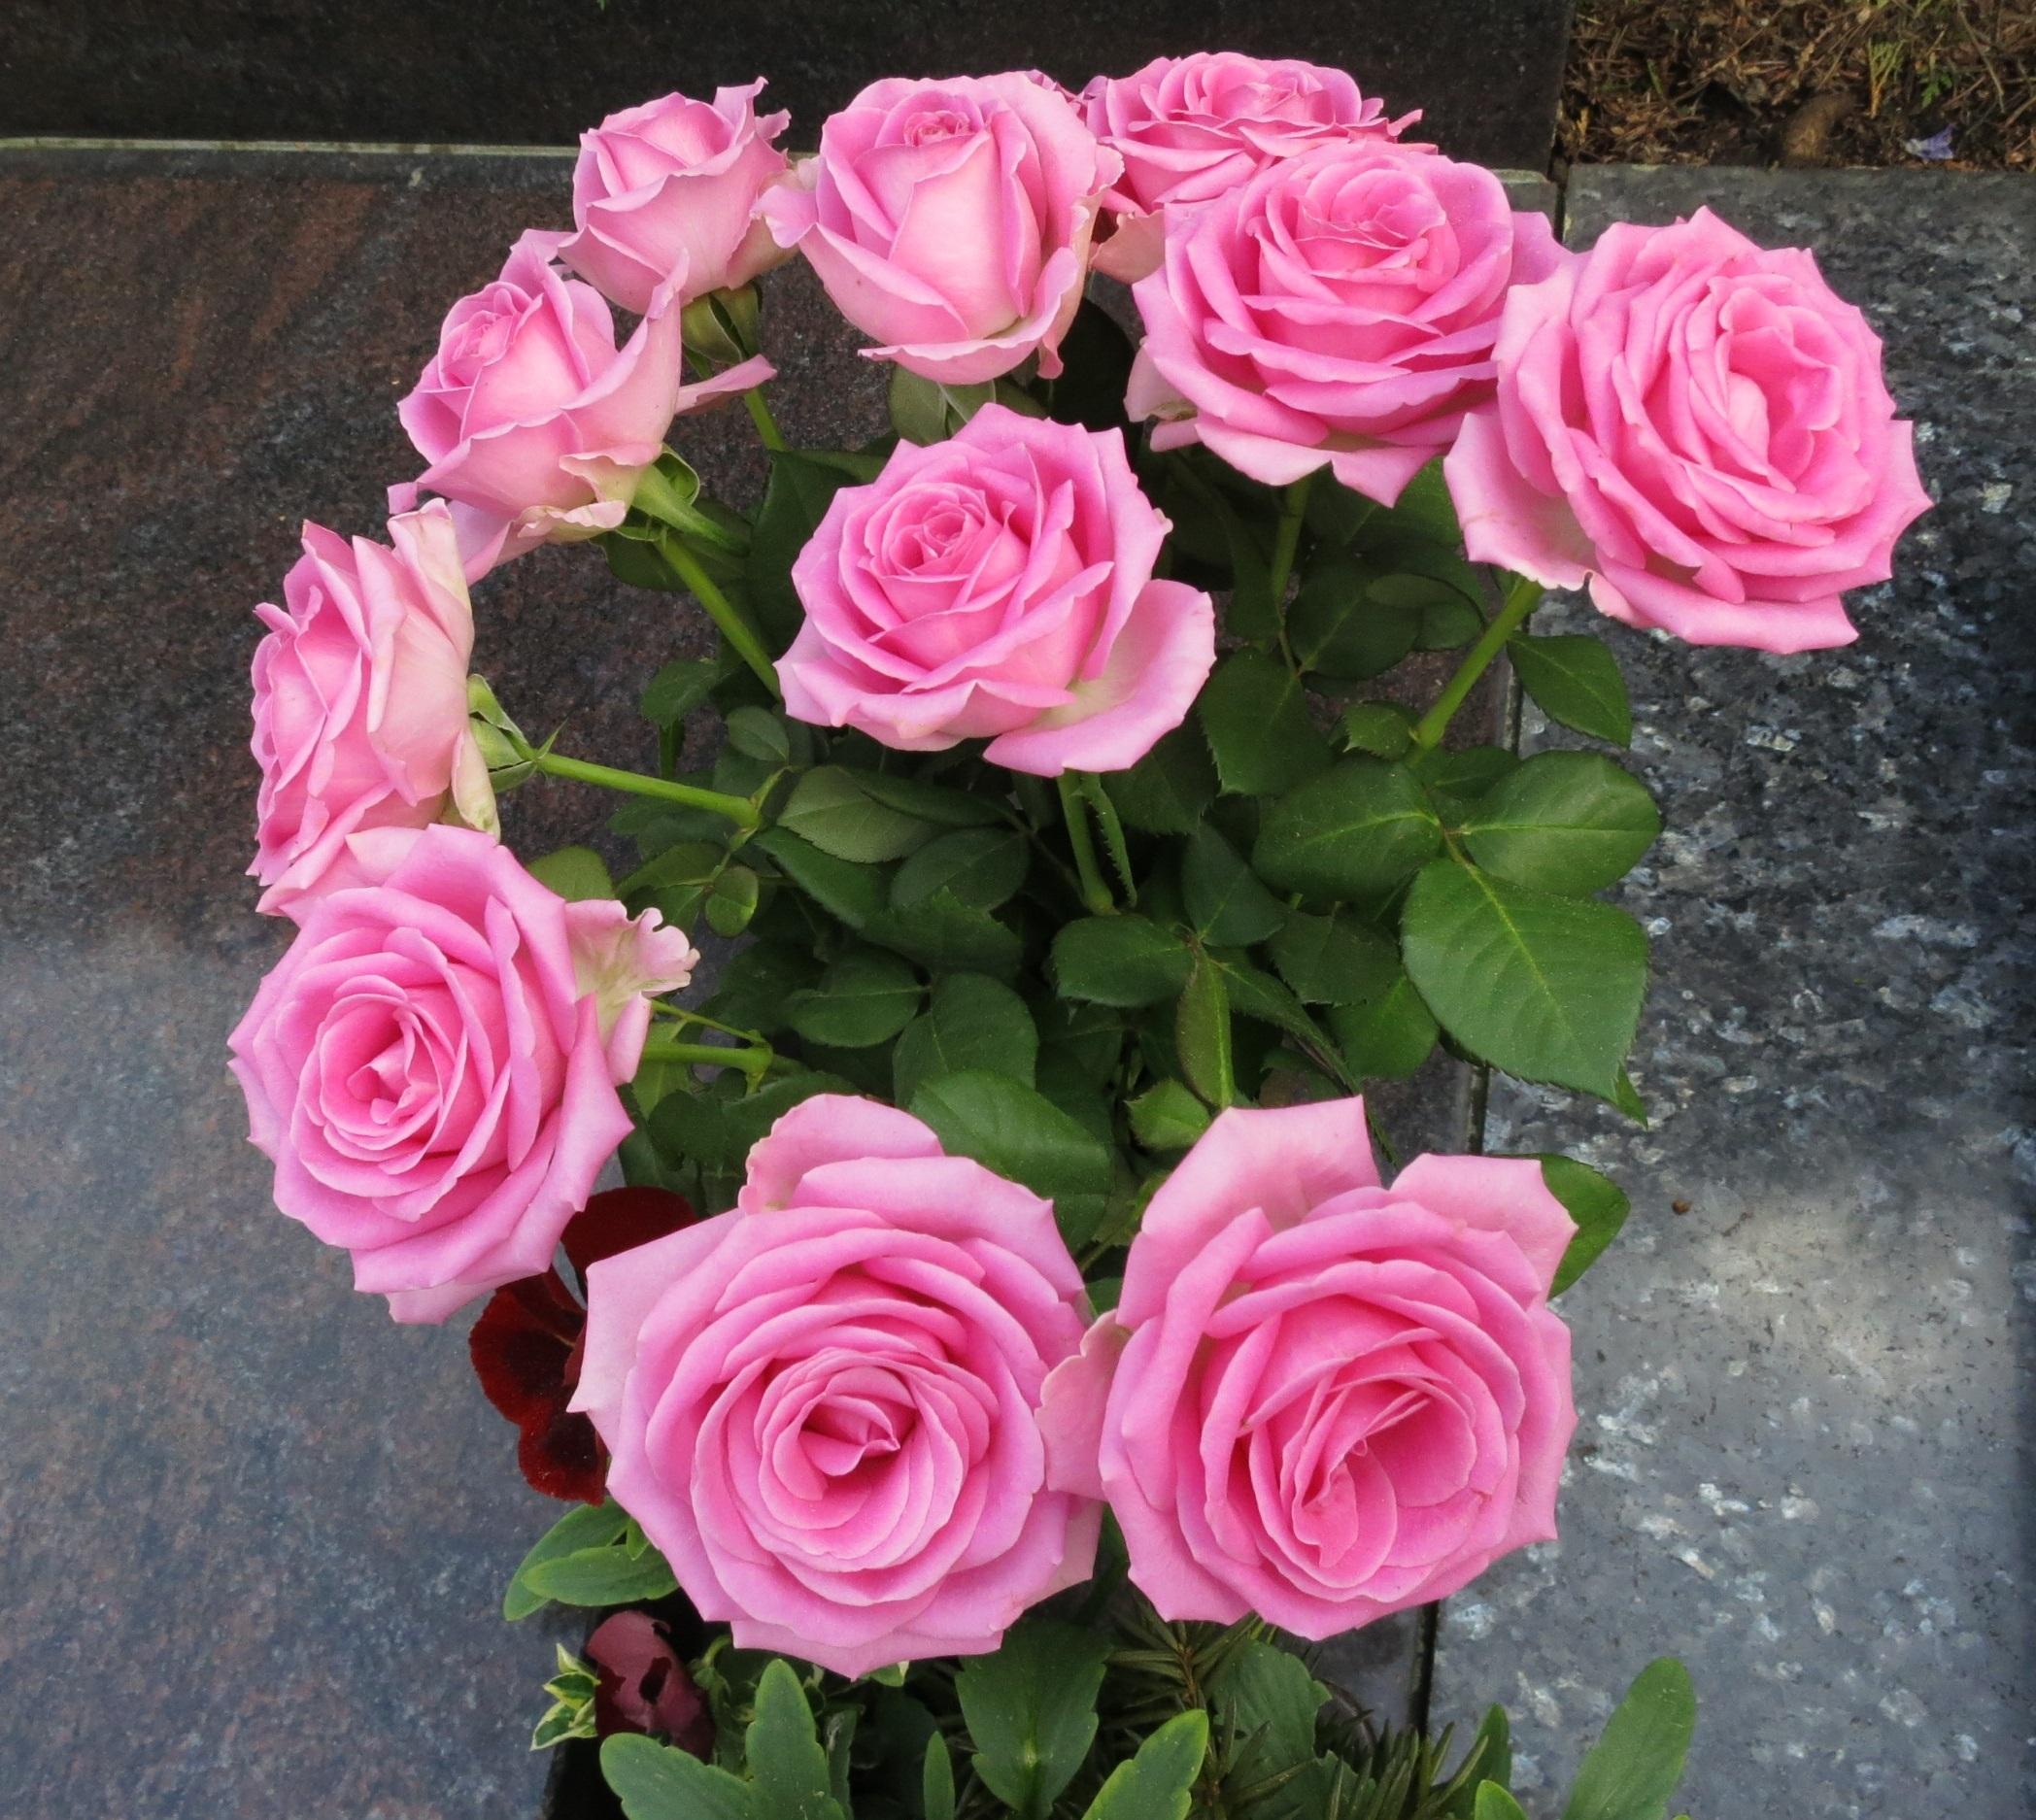 Afskårne Roser gratis billeder : blomst, kronblad, rose, lyserød, roser, strauss